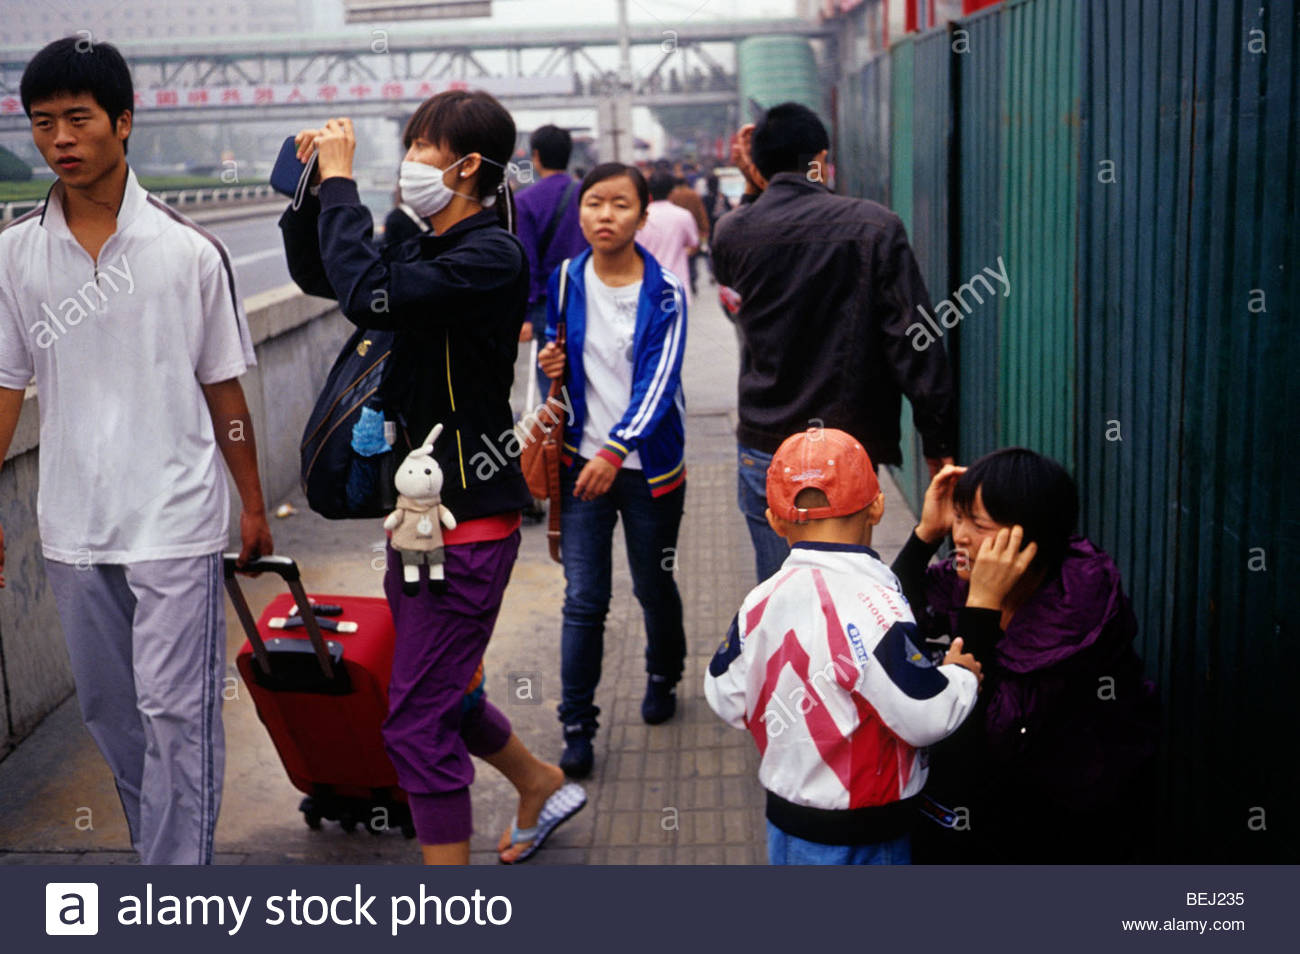 Una giovane donna indossa maschera di protezione contro il forte inquinamento a Pechino in Cina. 30-set-2009 Immagini Stock